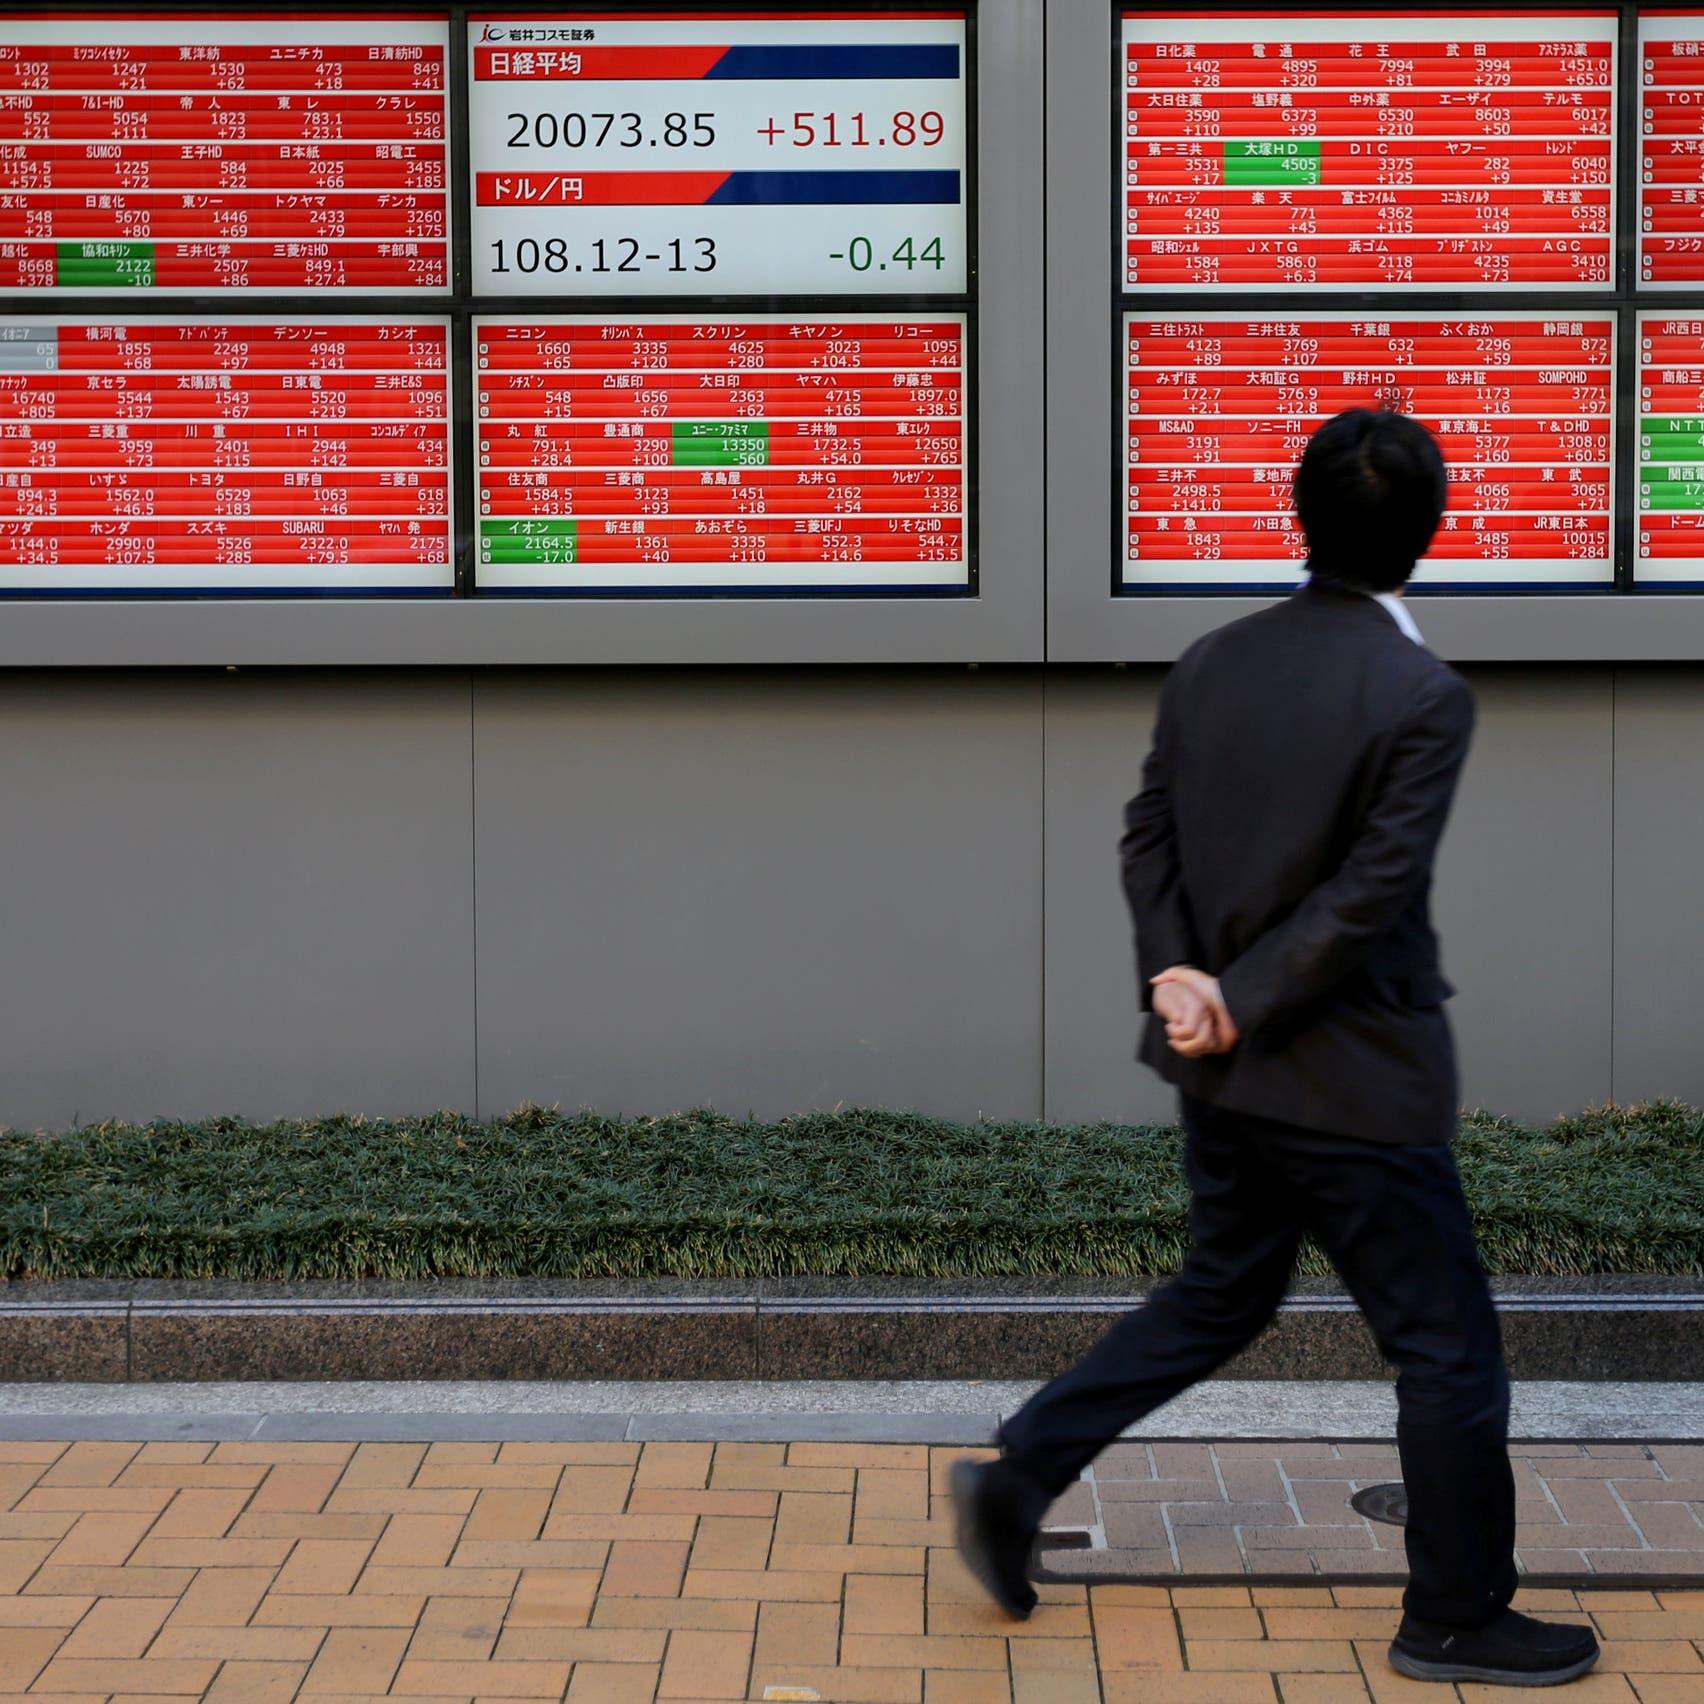 المؤشر الياباني ينخفض 0.35% في بداية تعاملات طوكيو